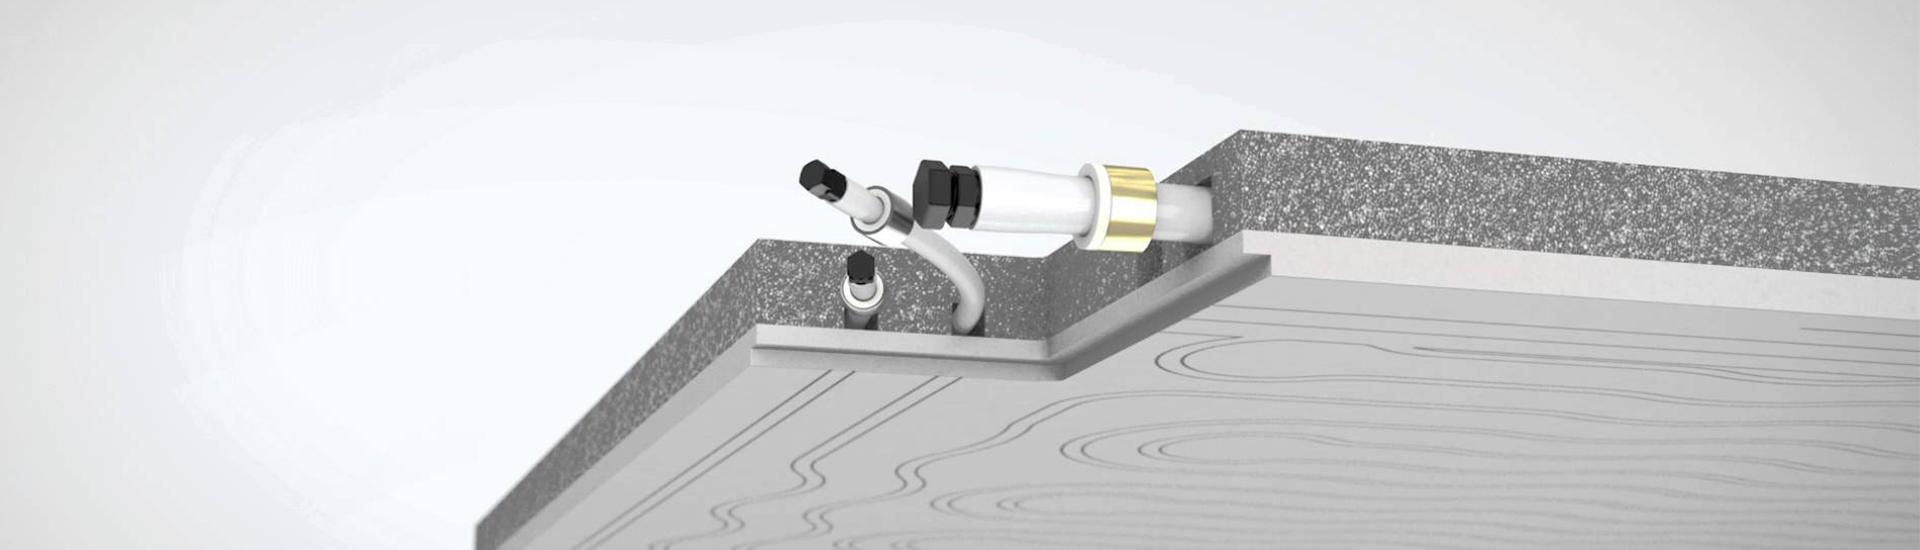 Riscaldamento A Soffitto Prezzo impianto radiante a soffitto